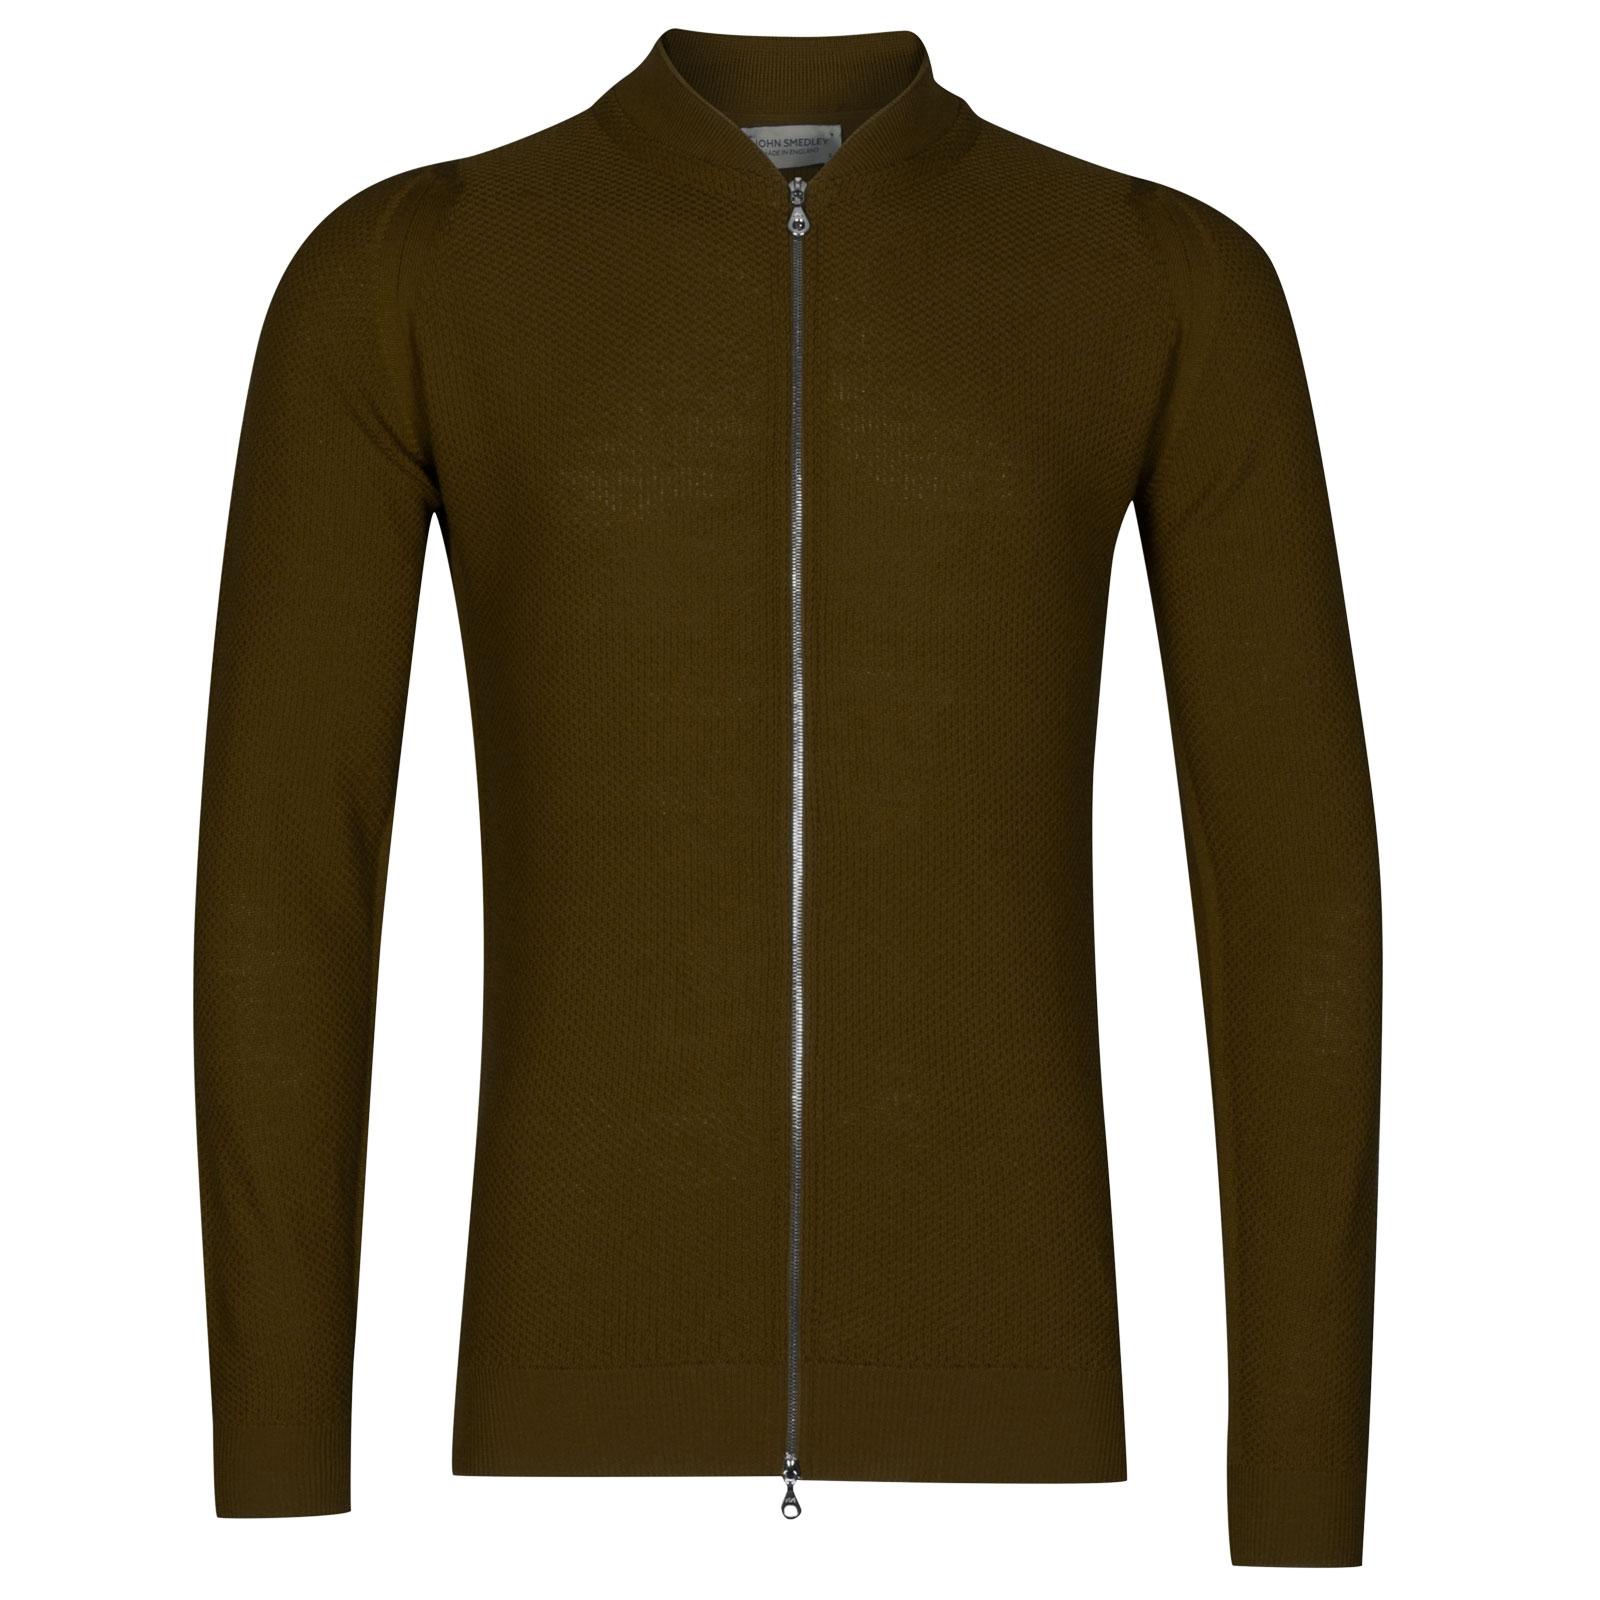 John Smedley 6Singular in Khaki Jacket-XXL